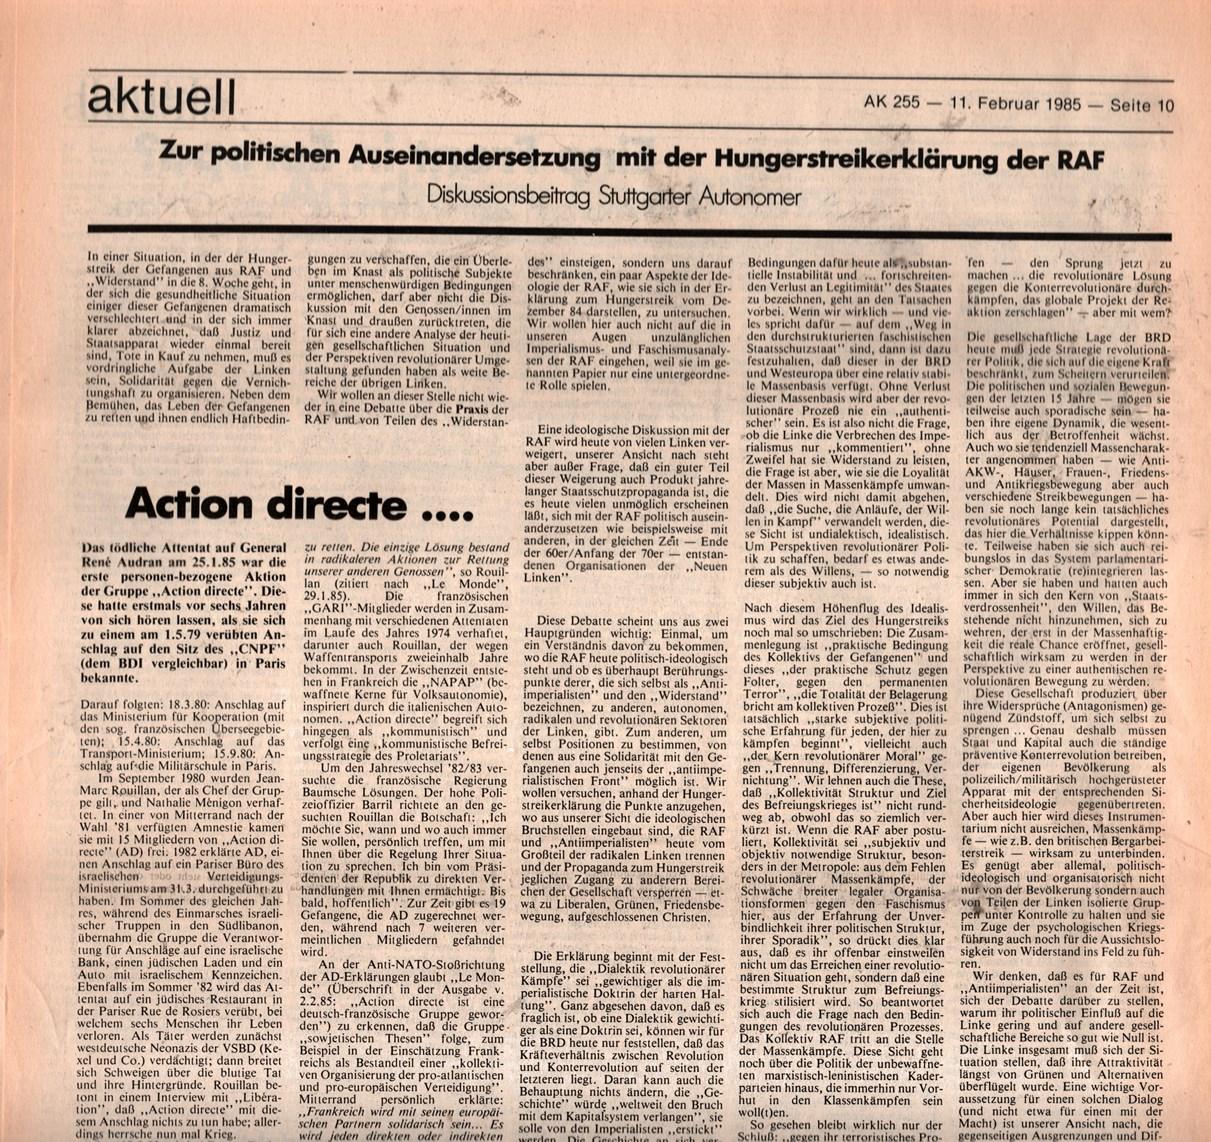 KB_AK_1985_255_019